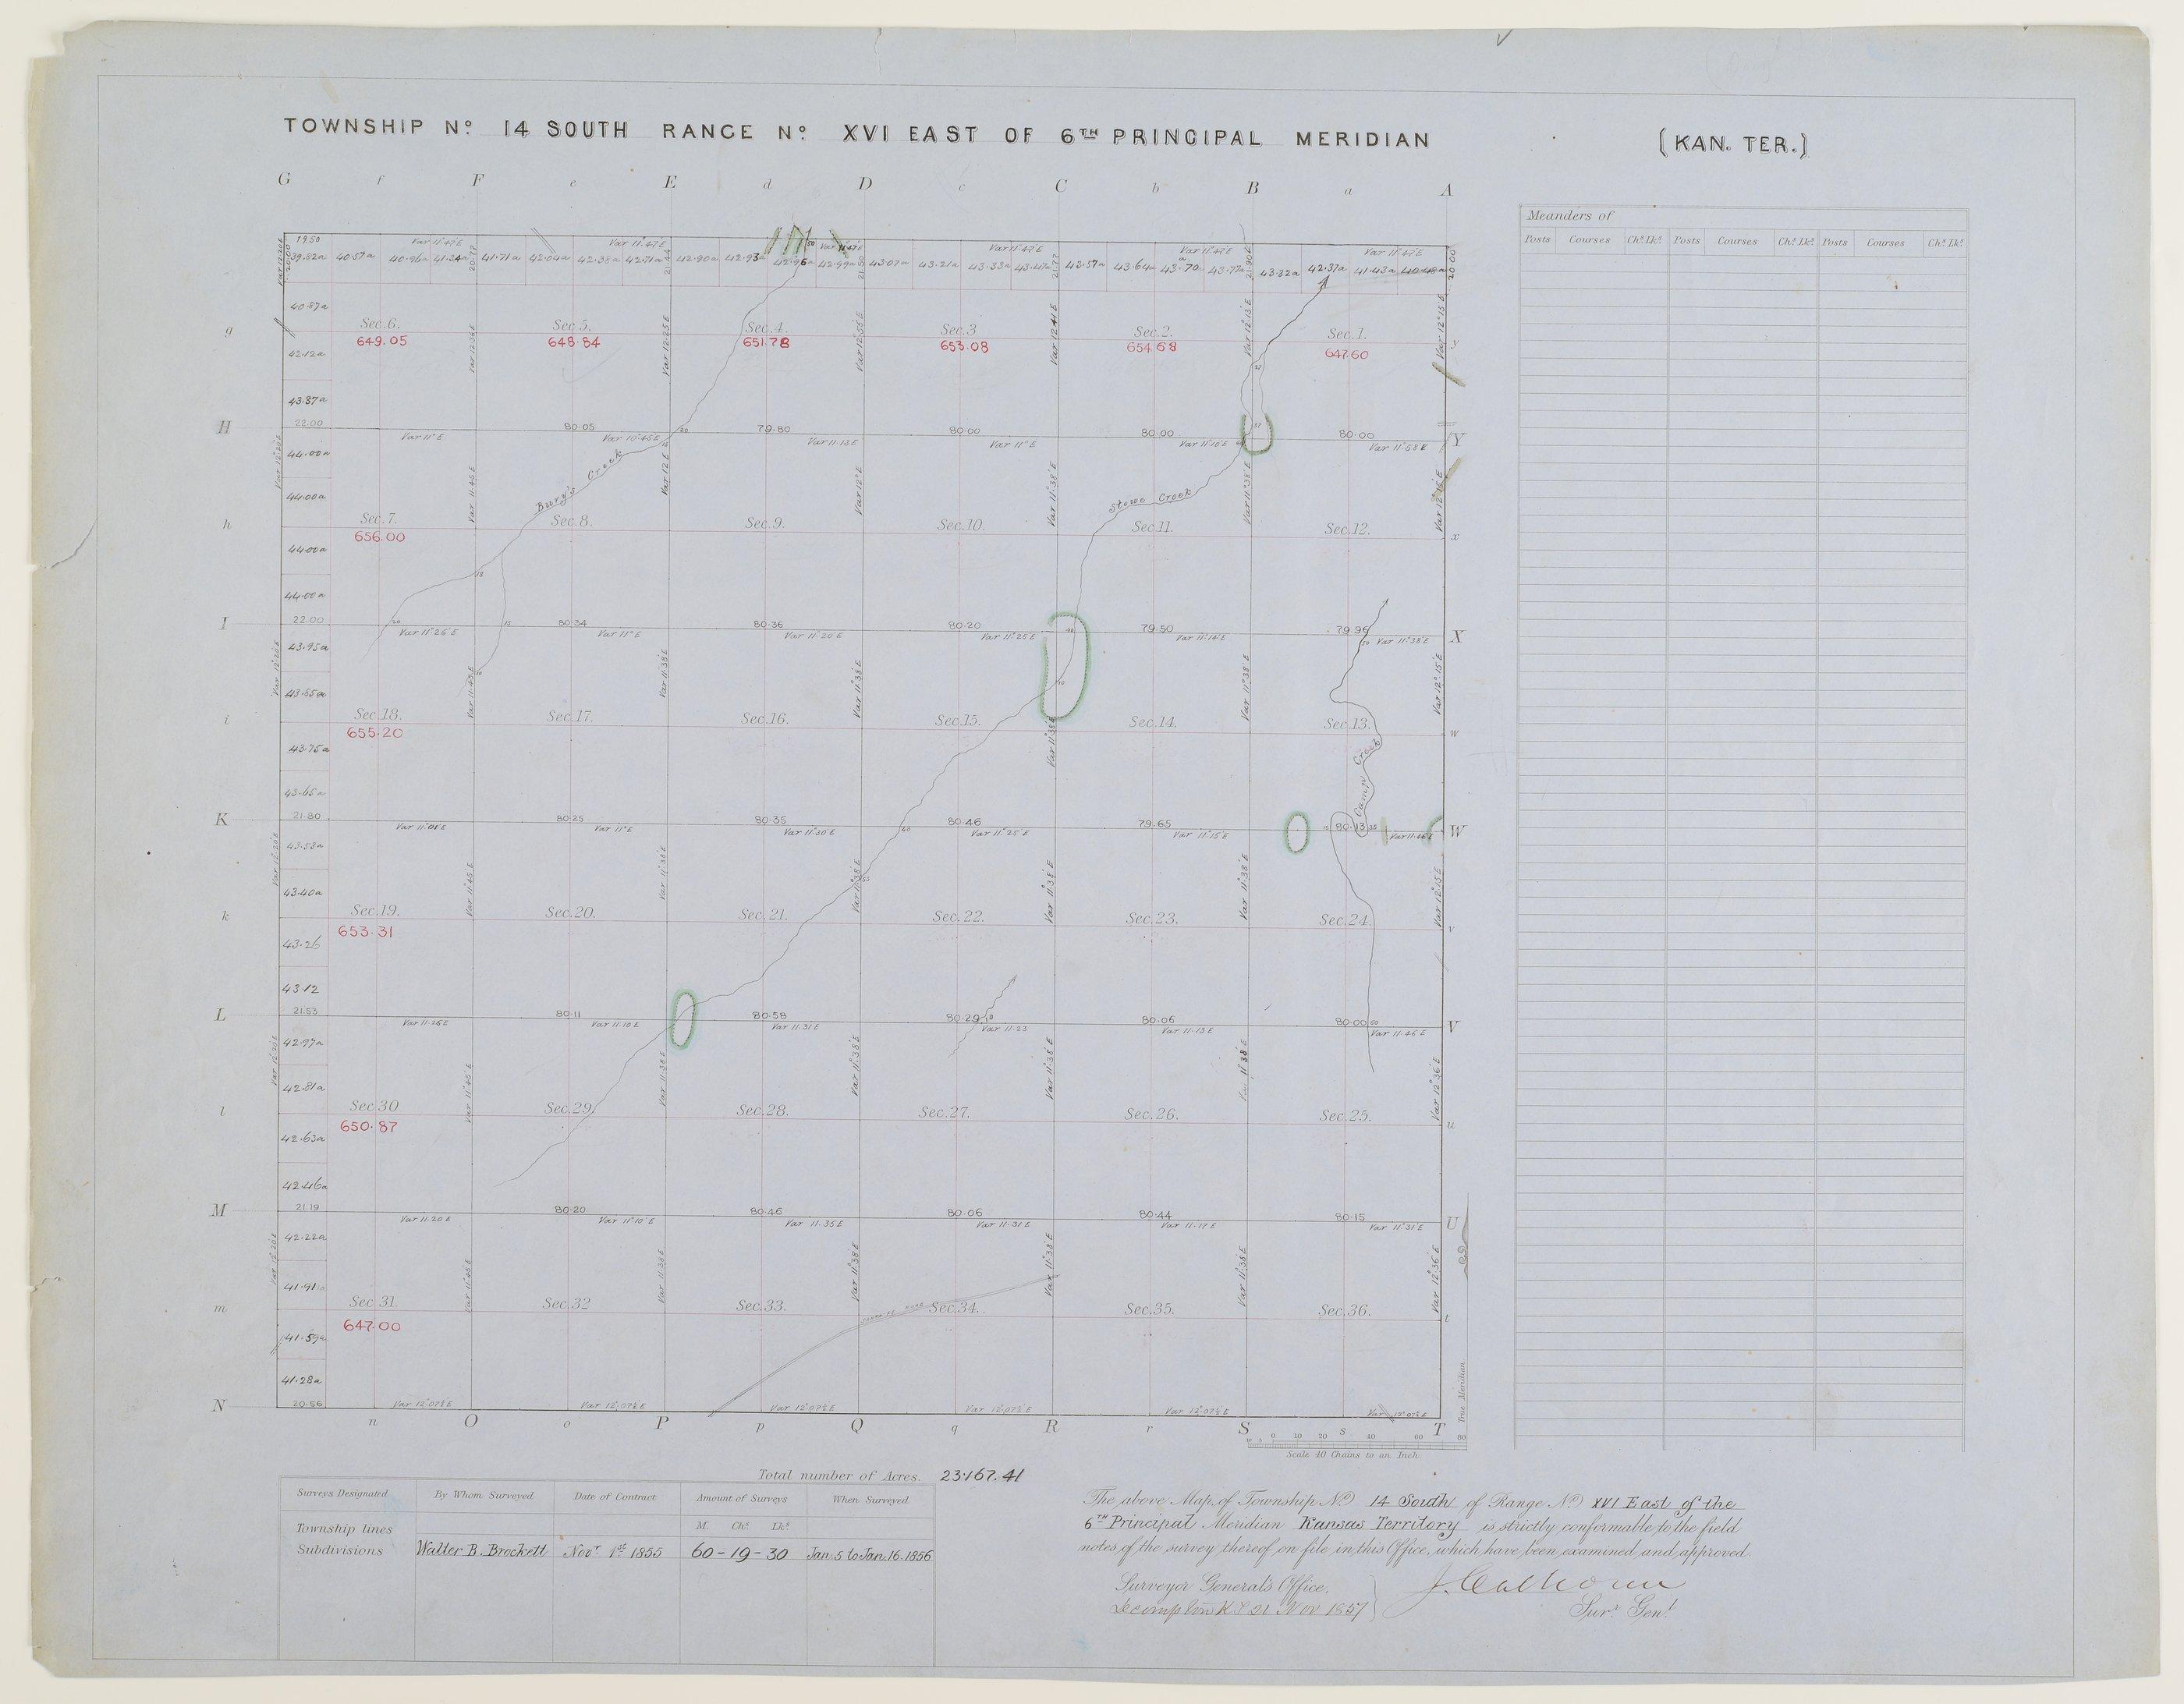 Kansas land survey plats - Township 14 South, Range 16 East